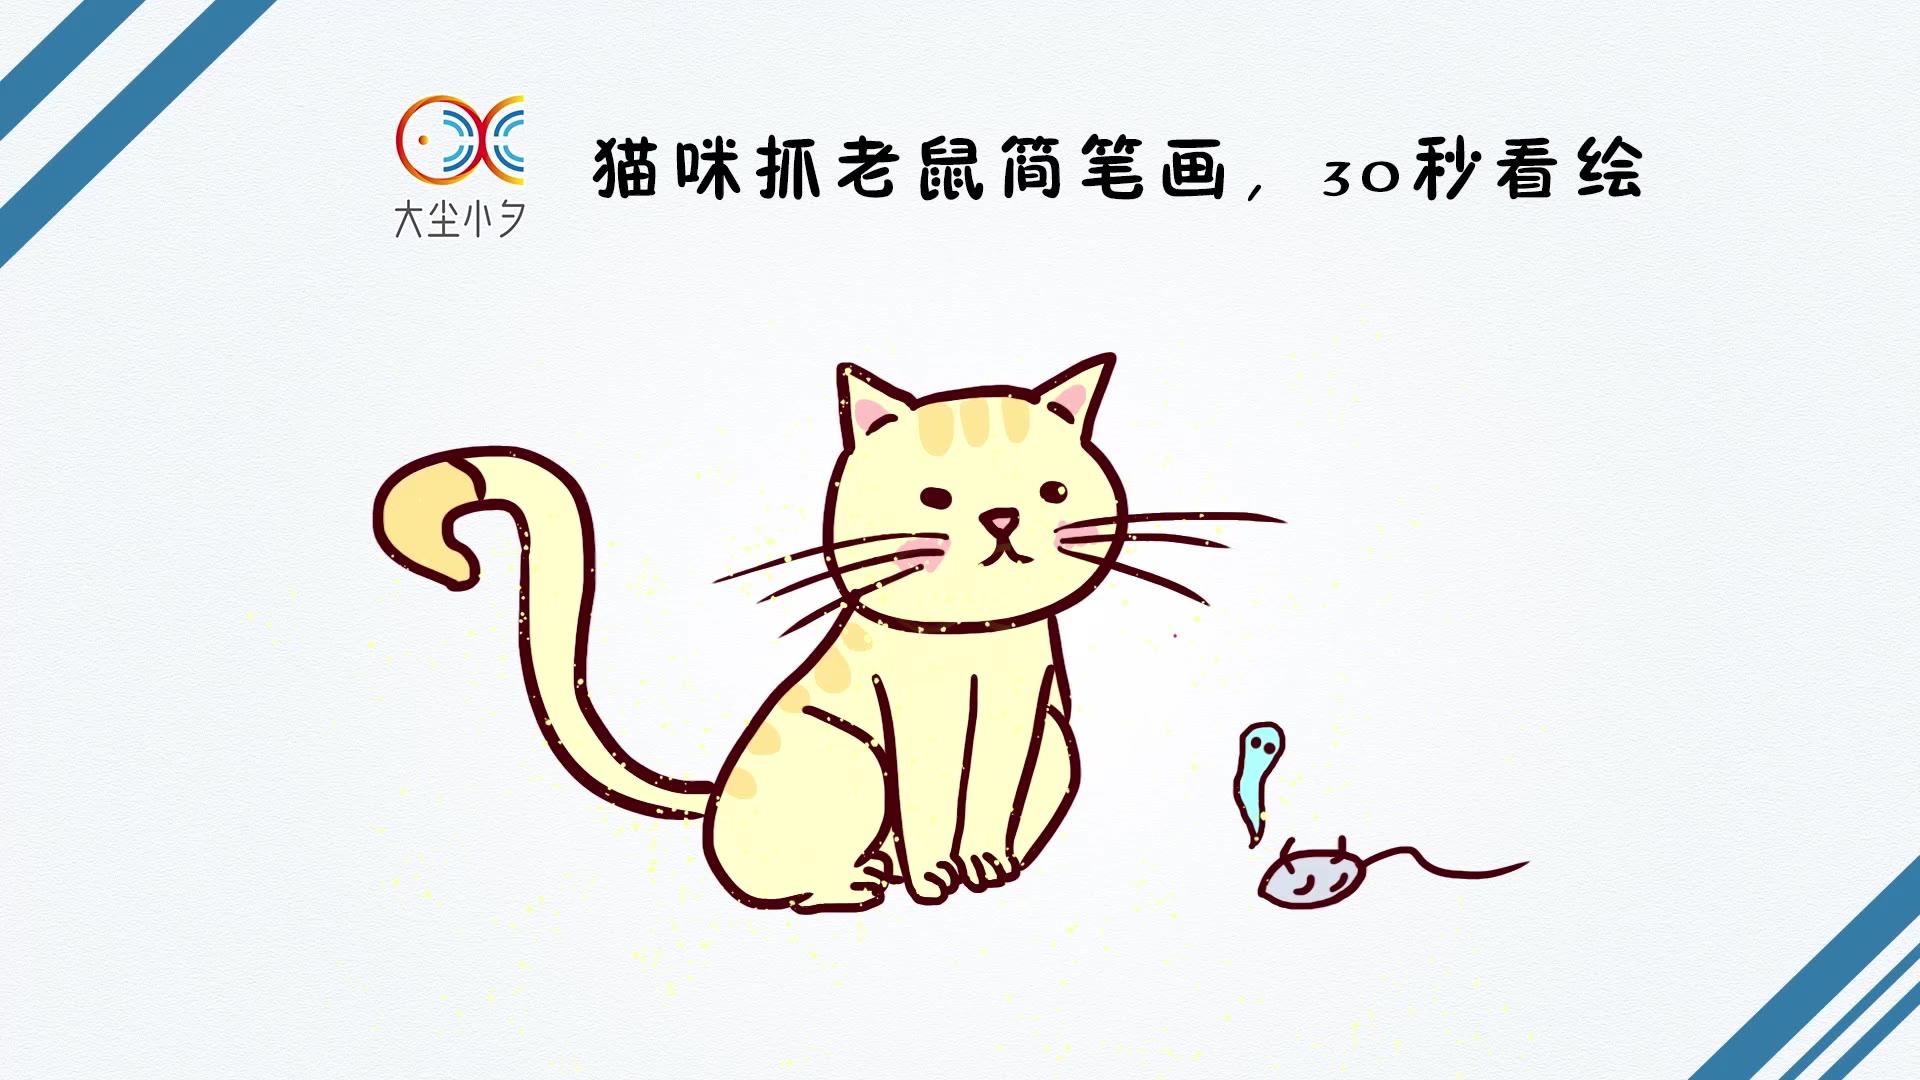 猫咪抓老鼠简笔画,30秒看绘